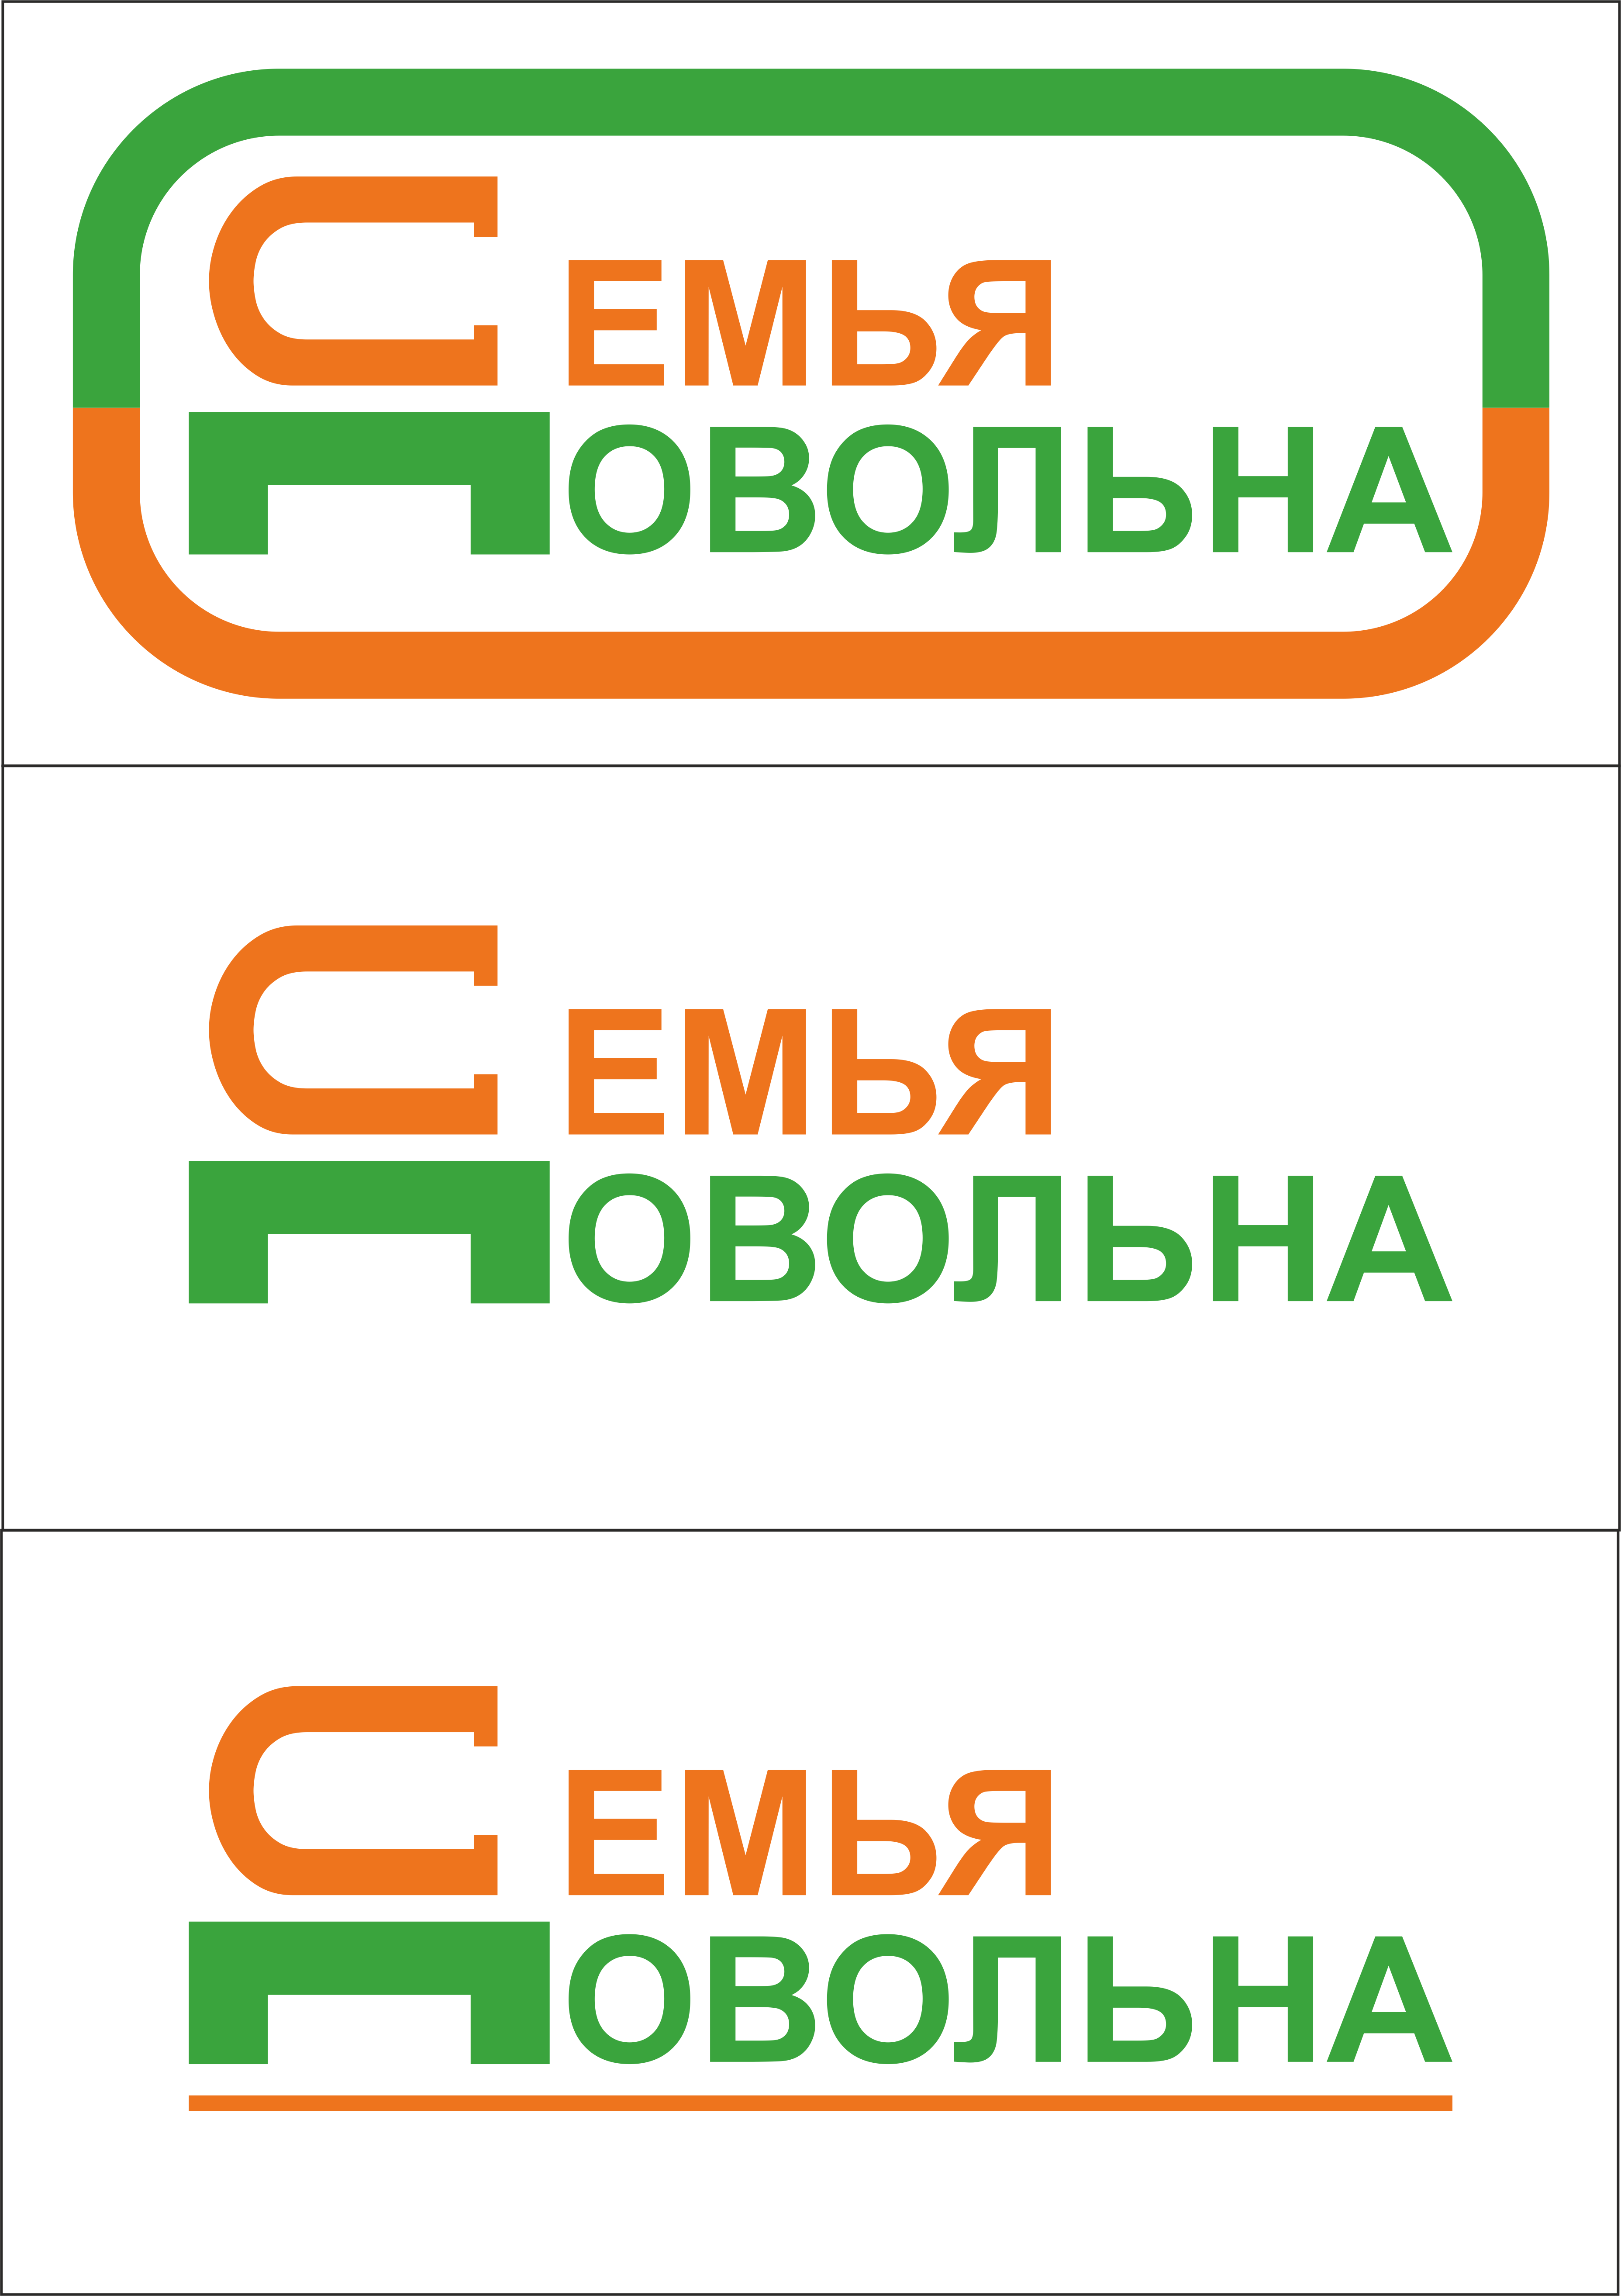 """Разработайте логотип для торговой марки """"Семья довольна"""" фото f_6275b9cba3b5c872.png"""